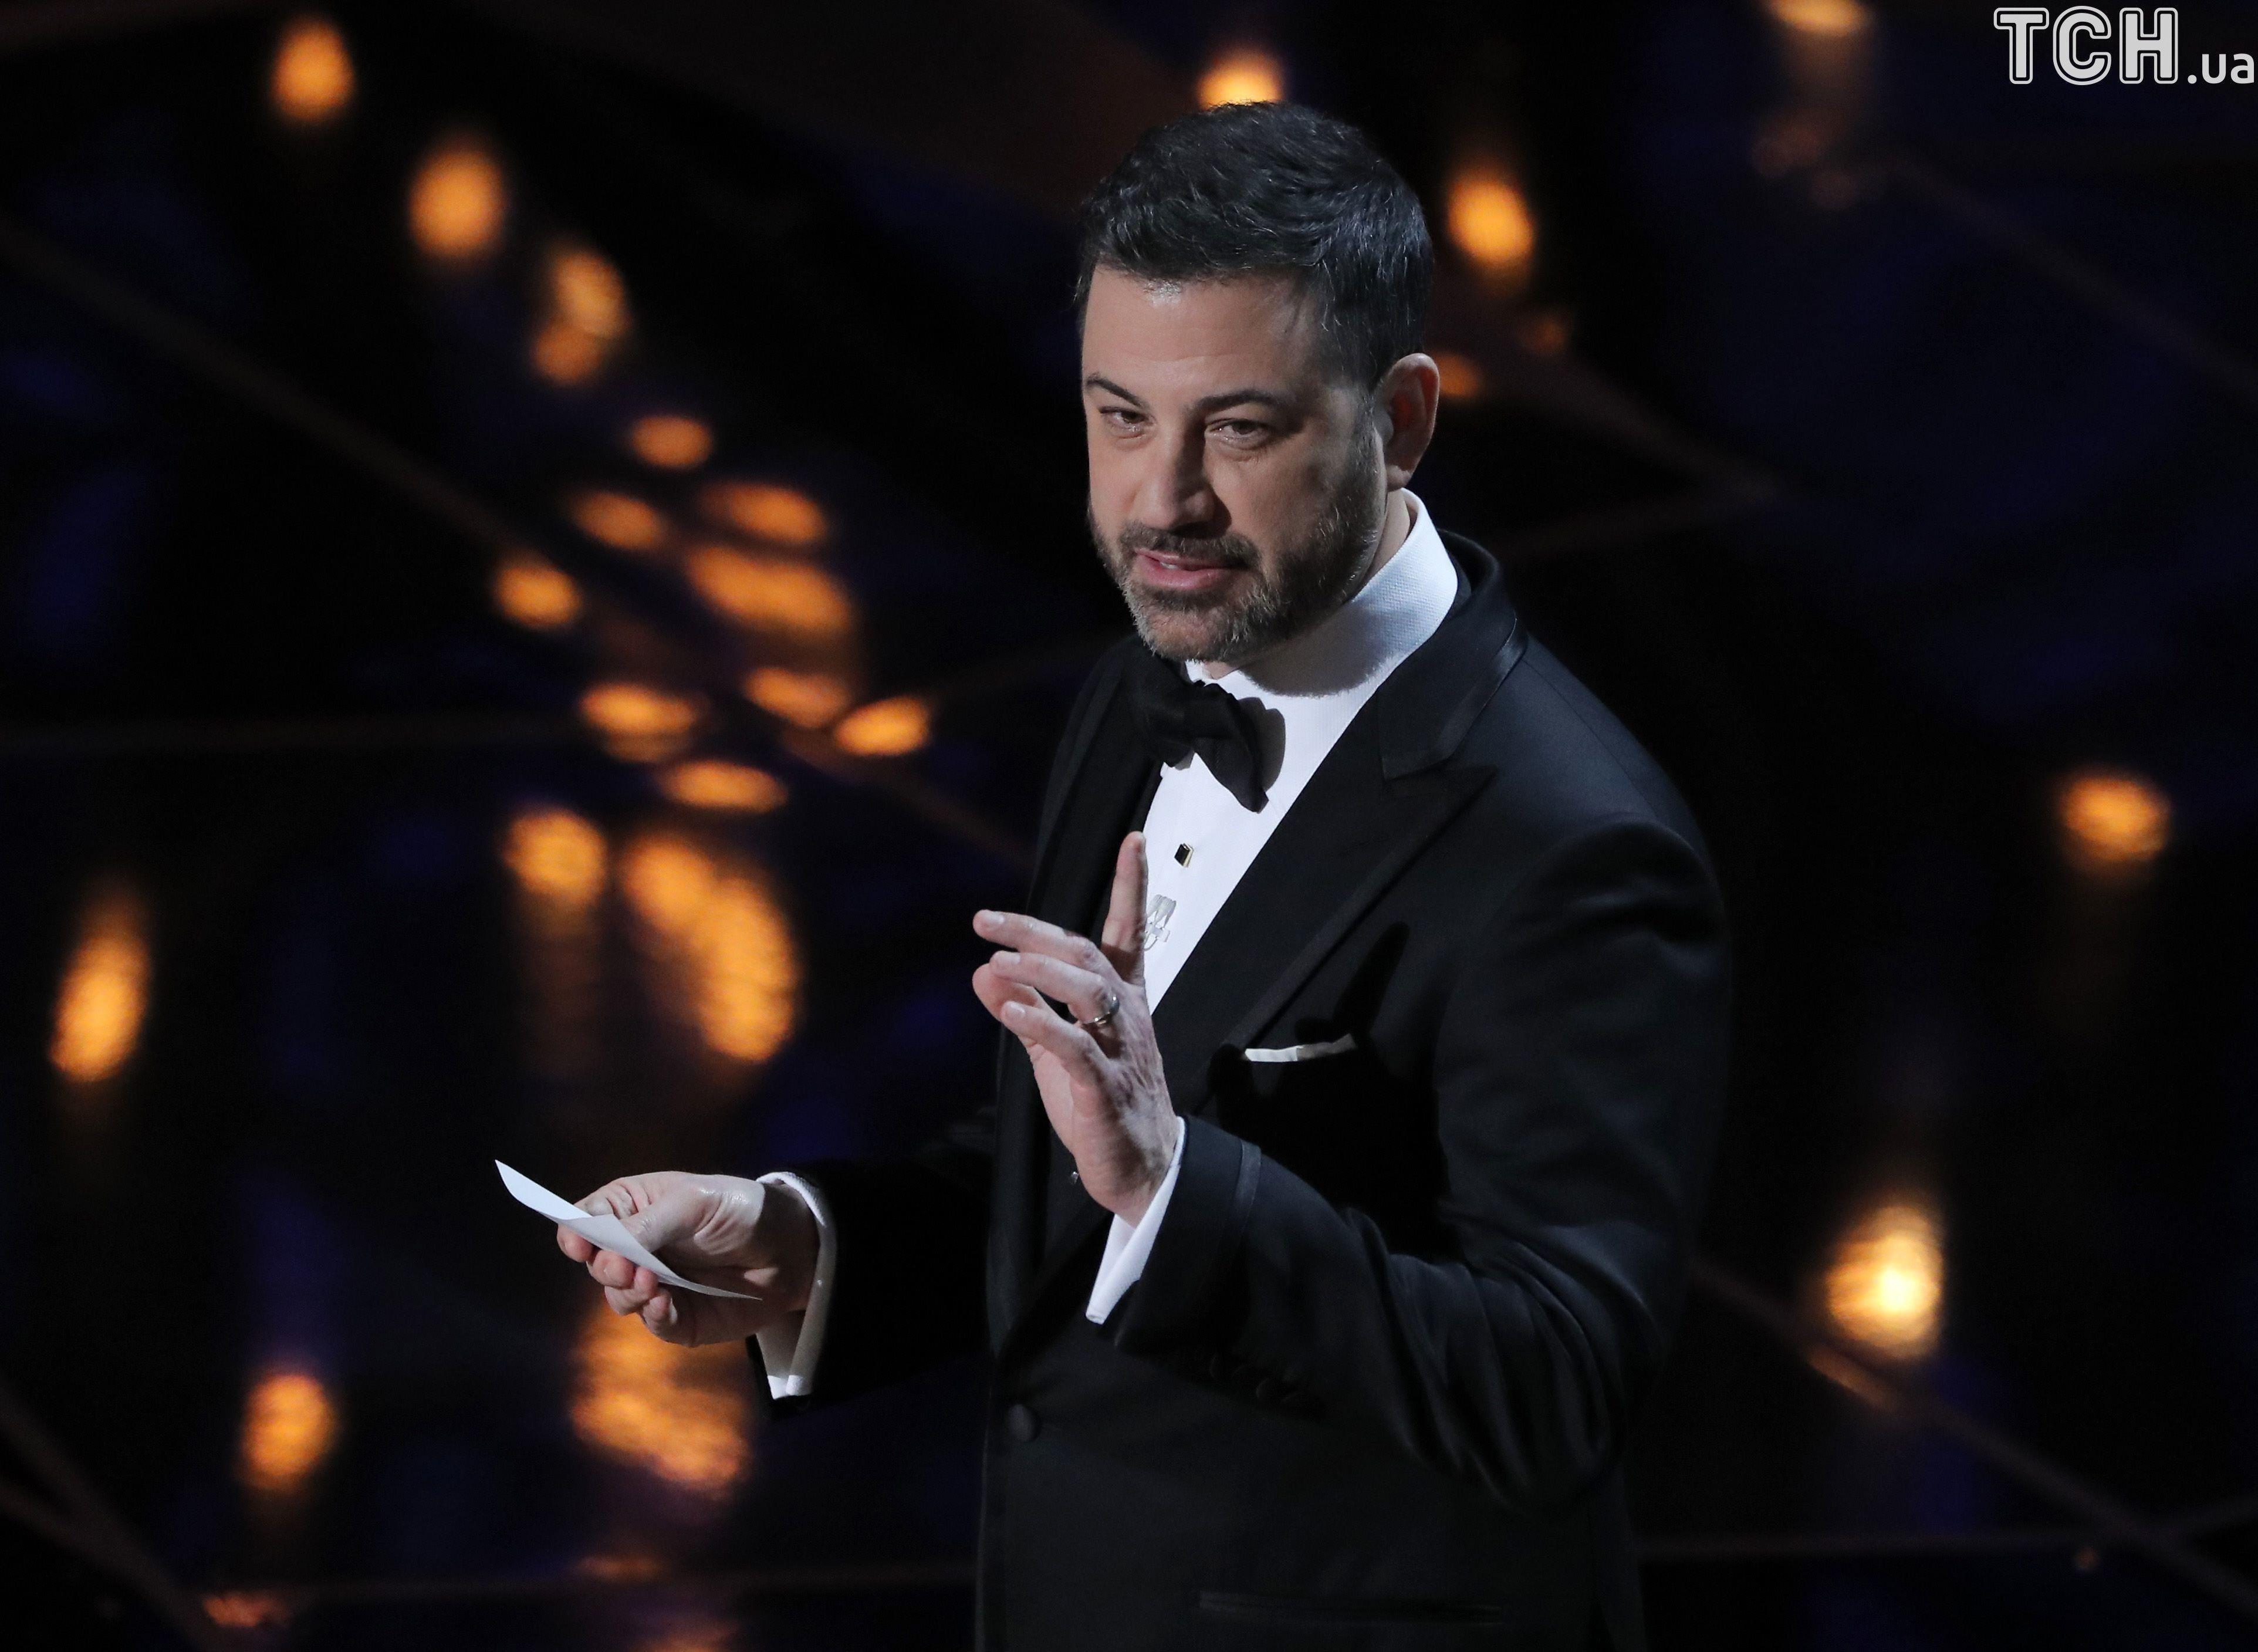 ВЛос-Анджелесе прошла юбилейная 90-я церемония вручения премии «Оскар»